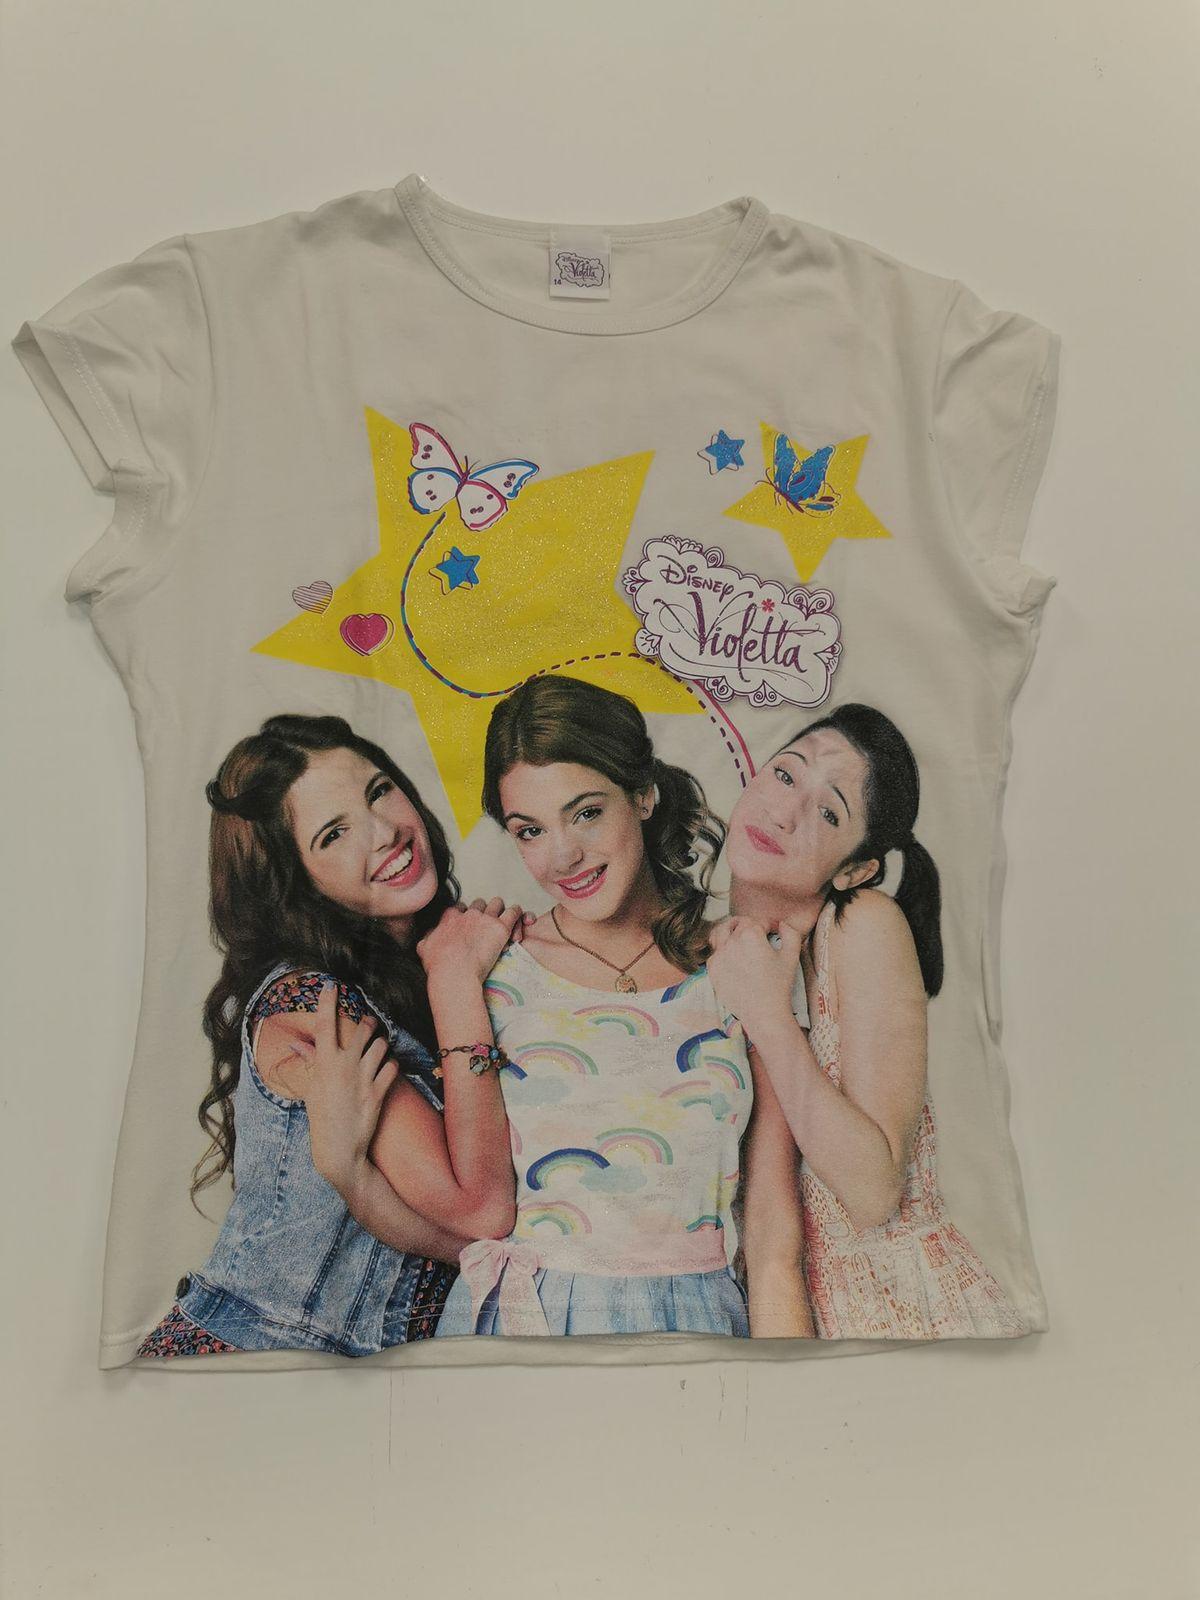 13265. Violetta 12 anni maglietta Euro 6,90